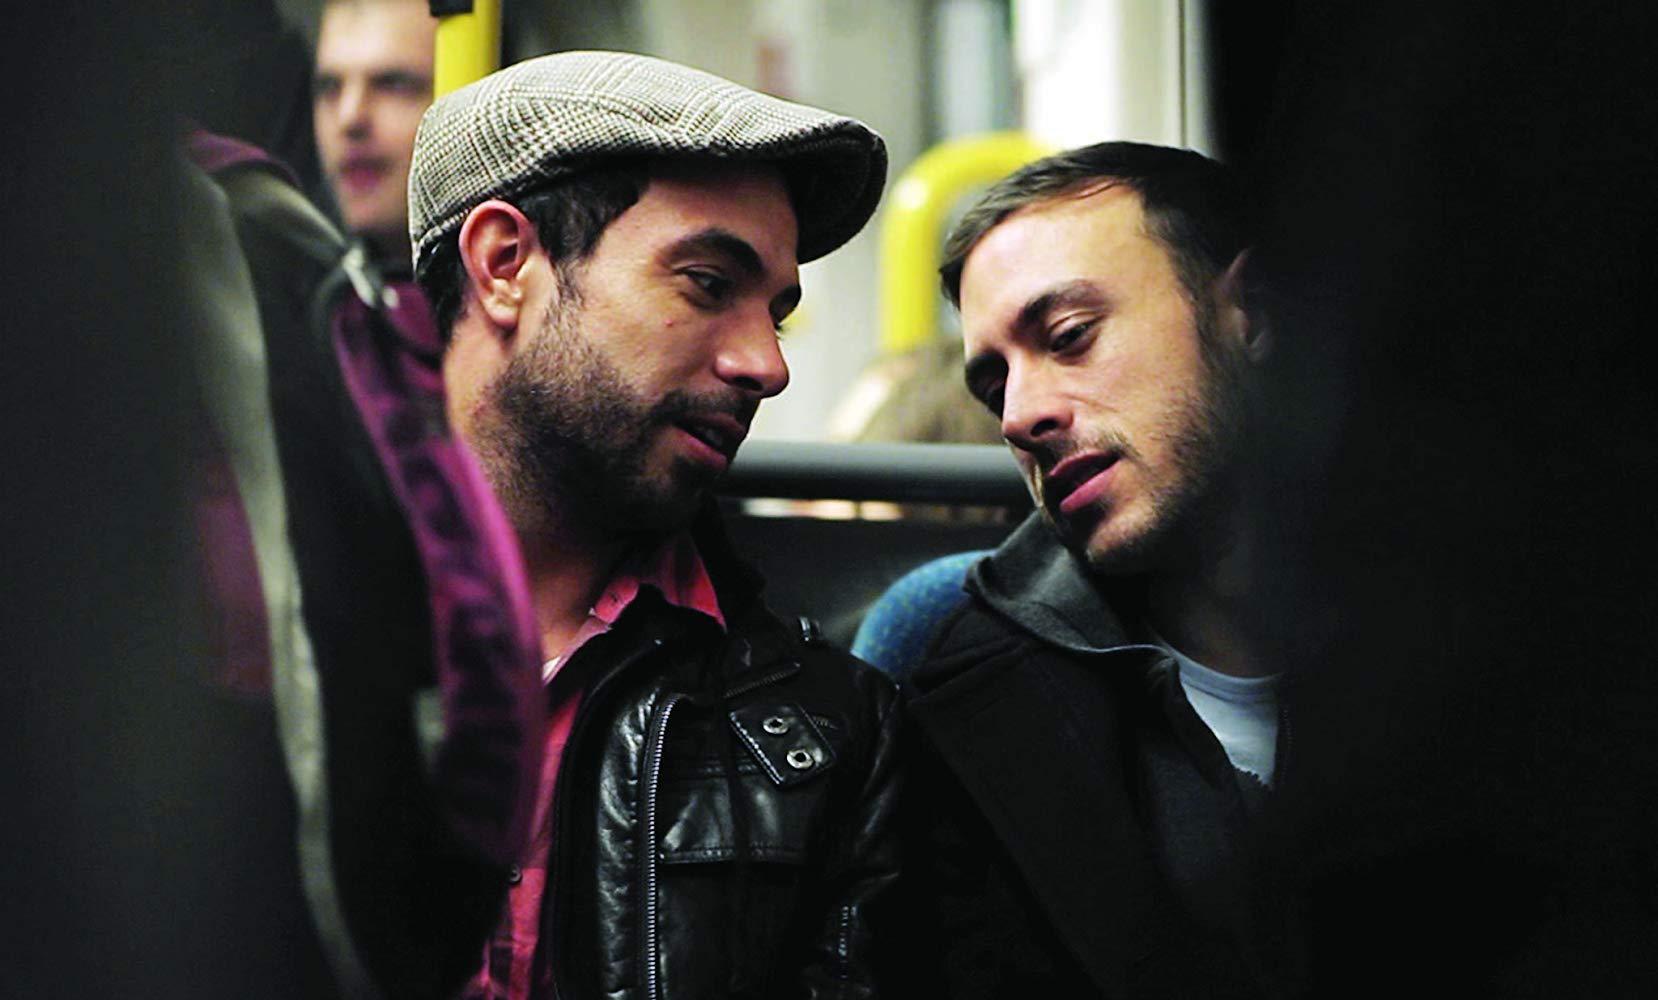 مشاهدة فيلم Weekend 2011 HD مترجم كامل اون لاين